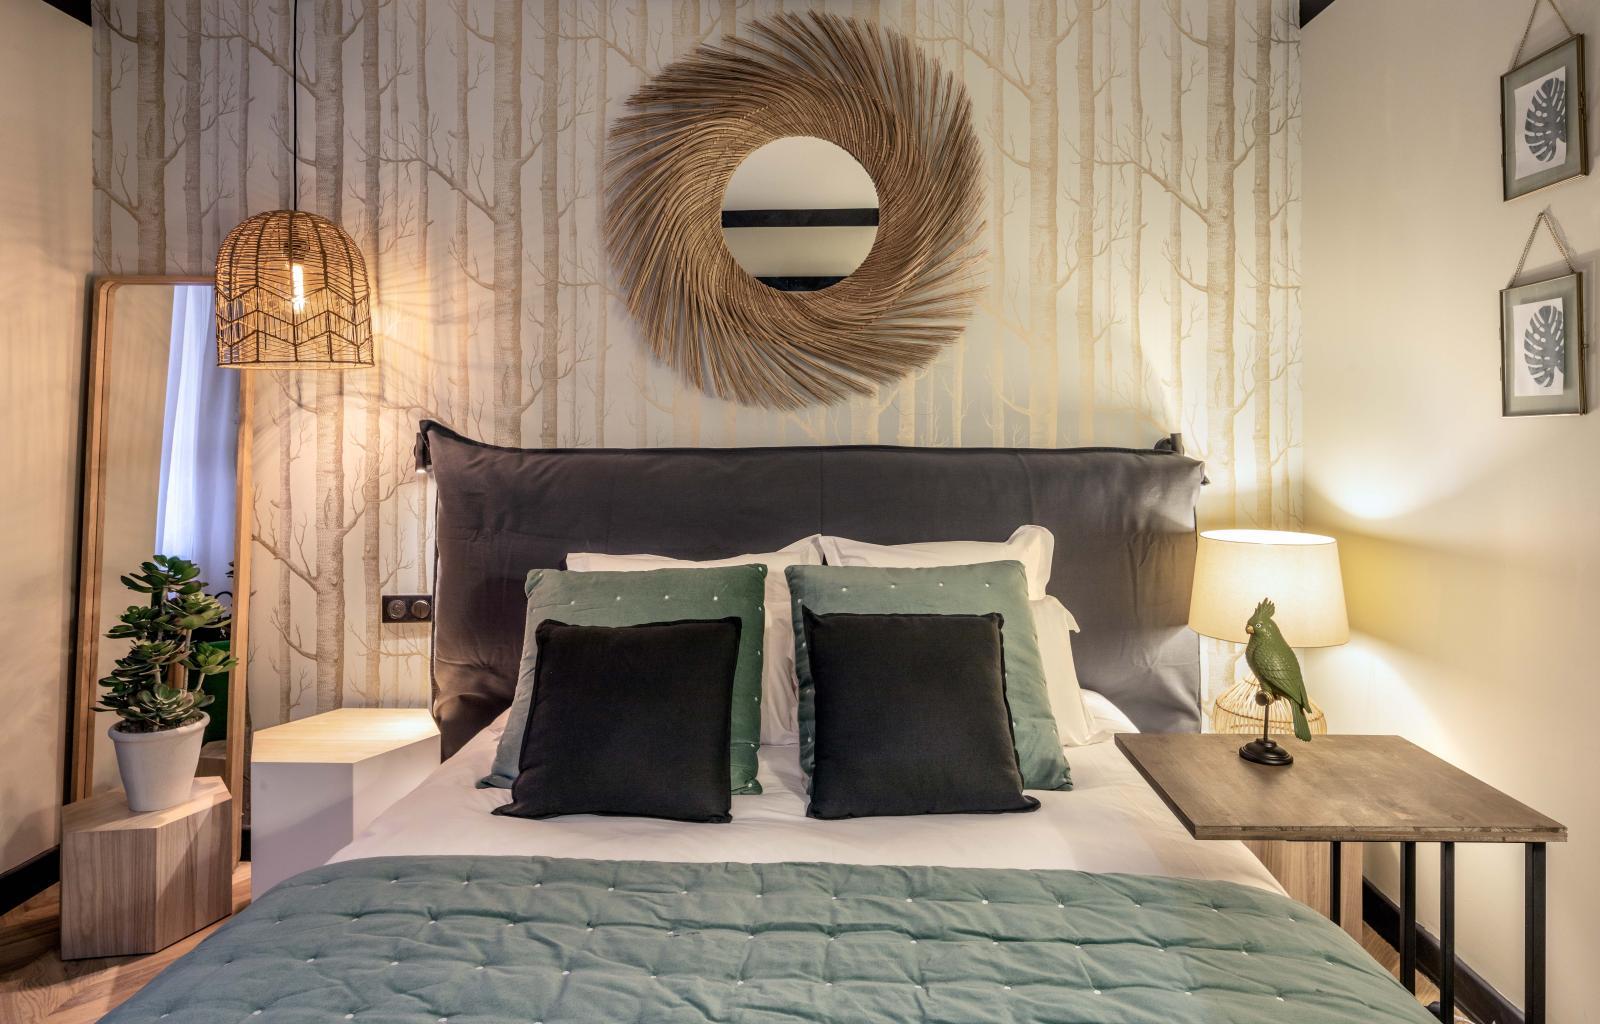 Miroir Maison Du Monde Industriel maisons du monde ouvre son premier hôtel à nantes | madame